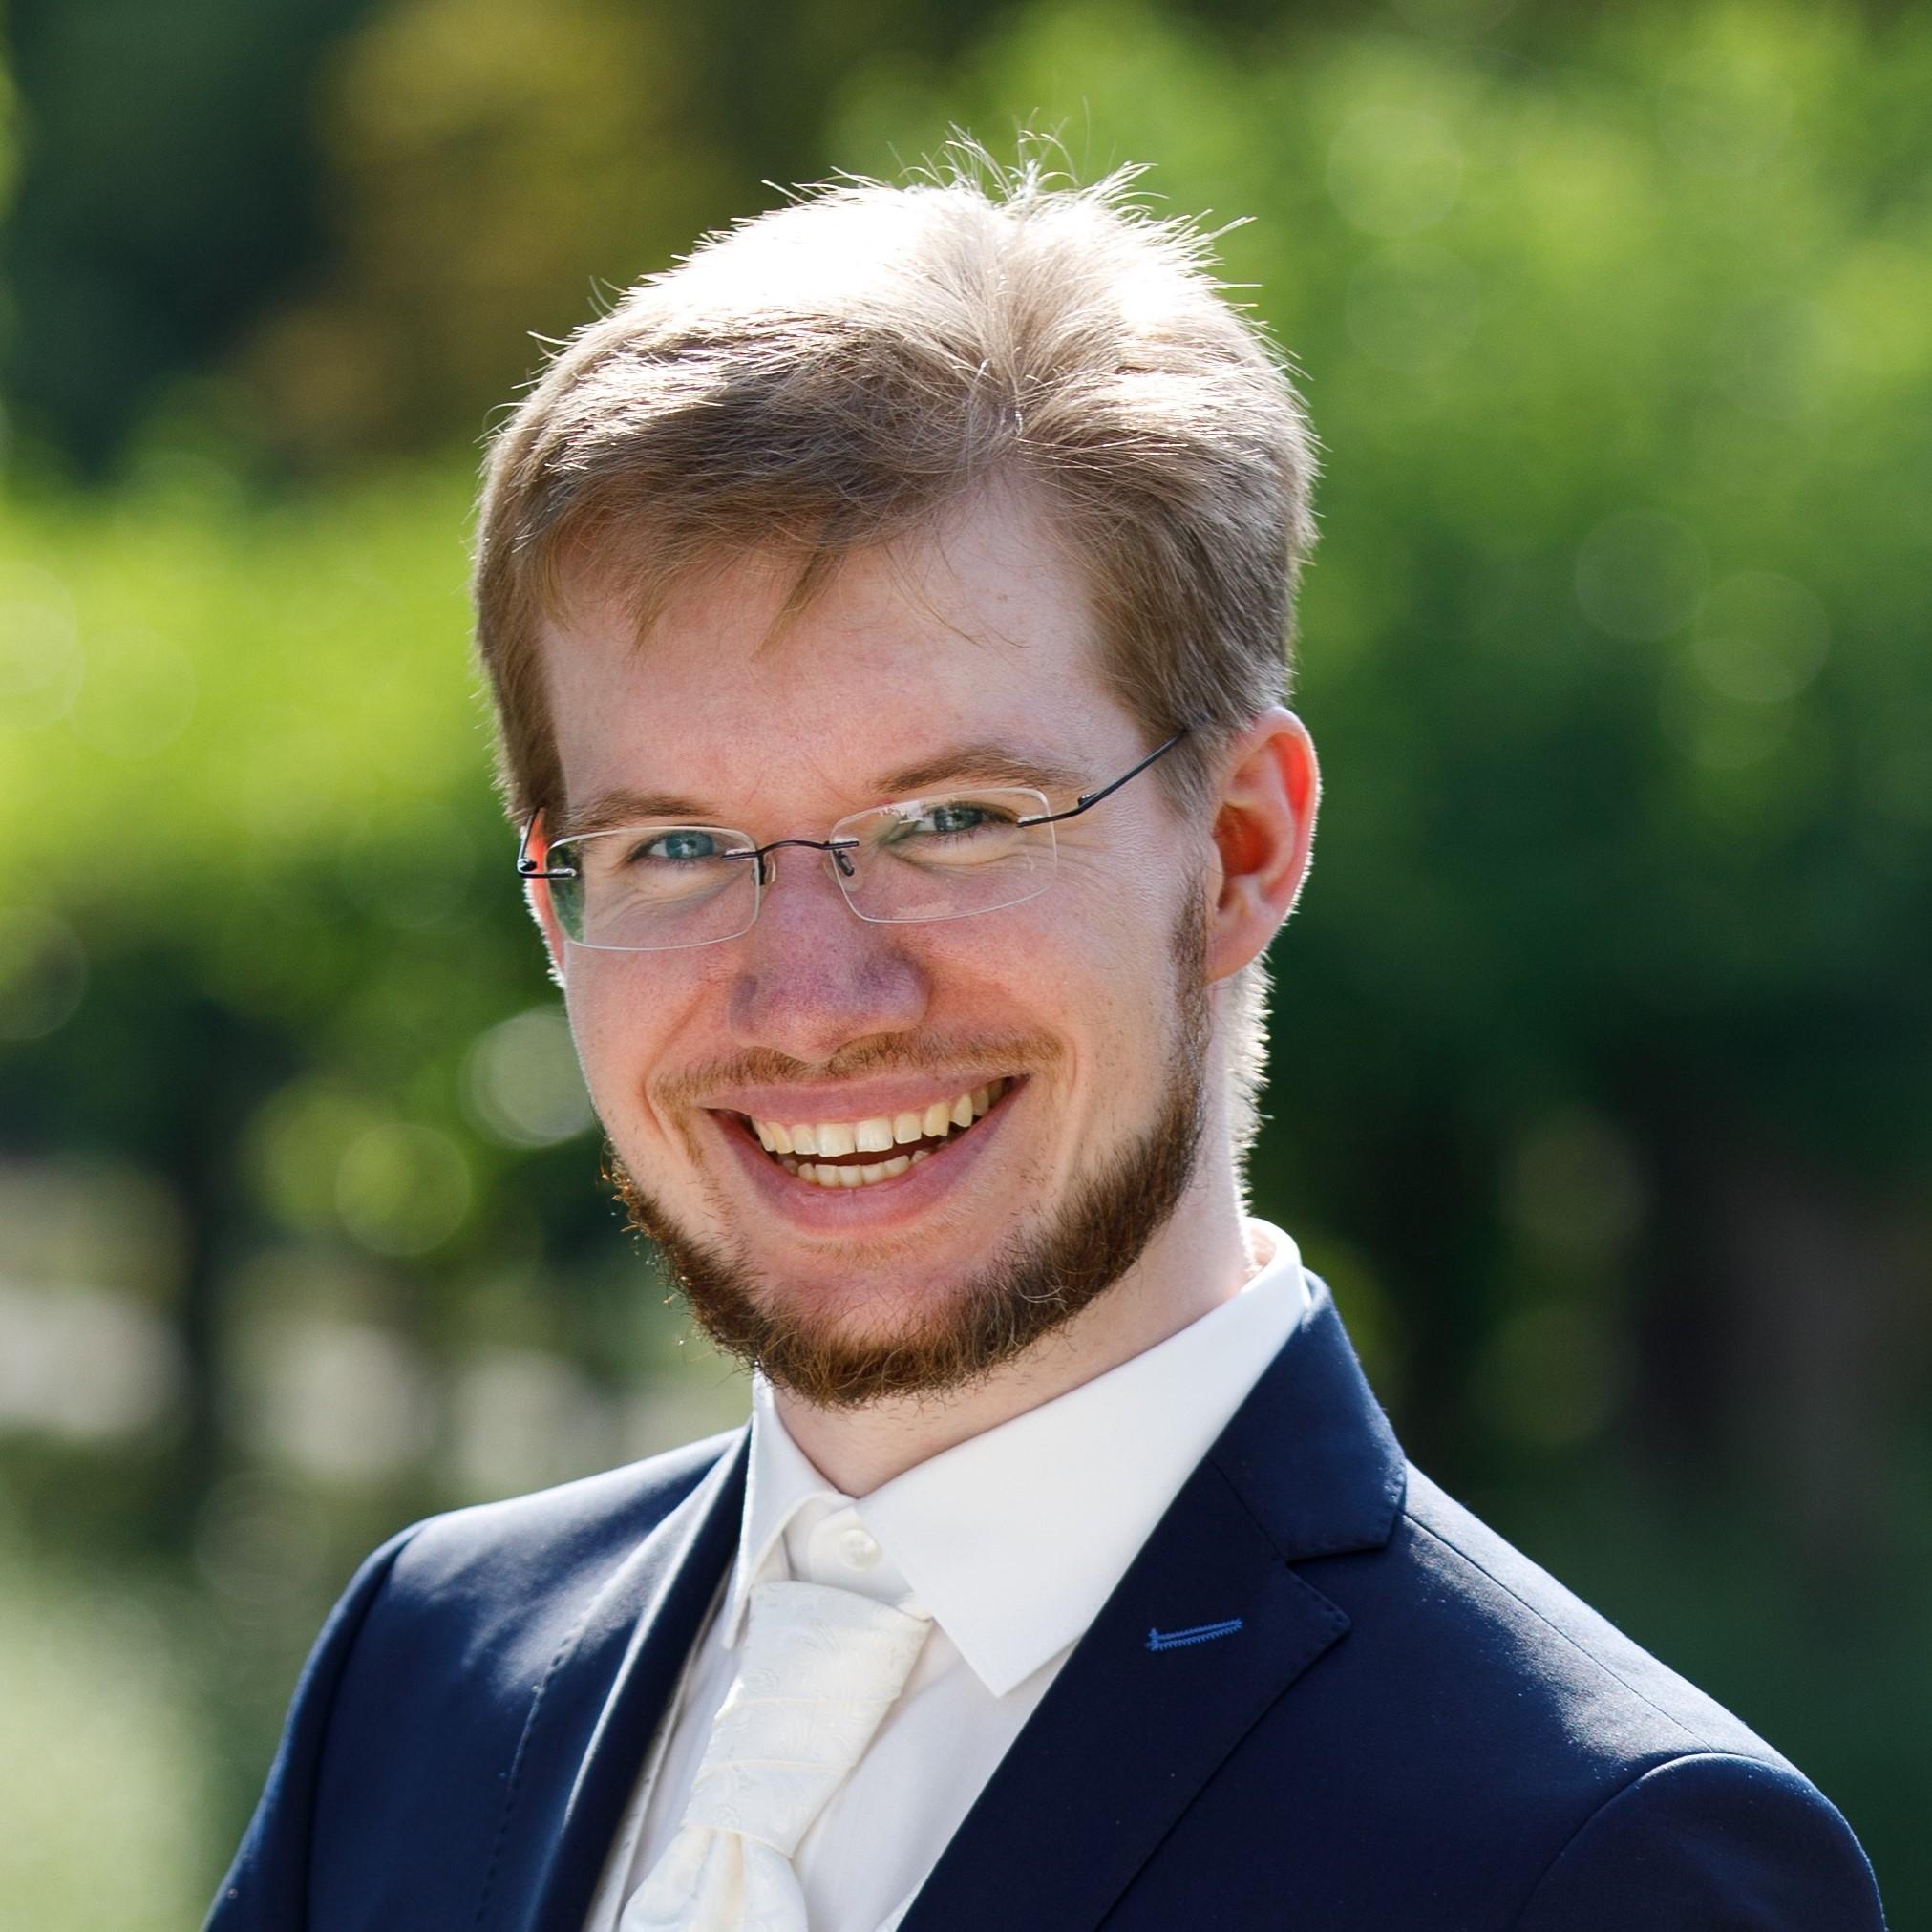 Adrian Bischoff